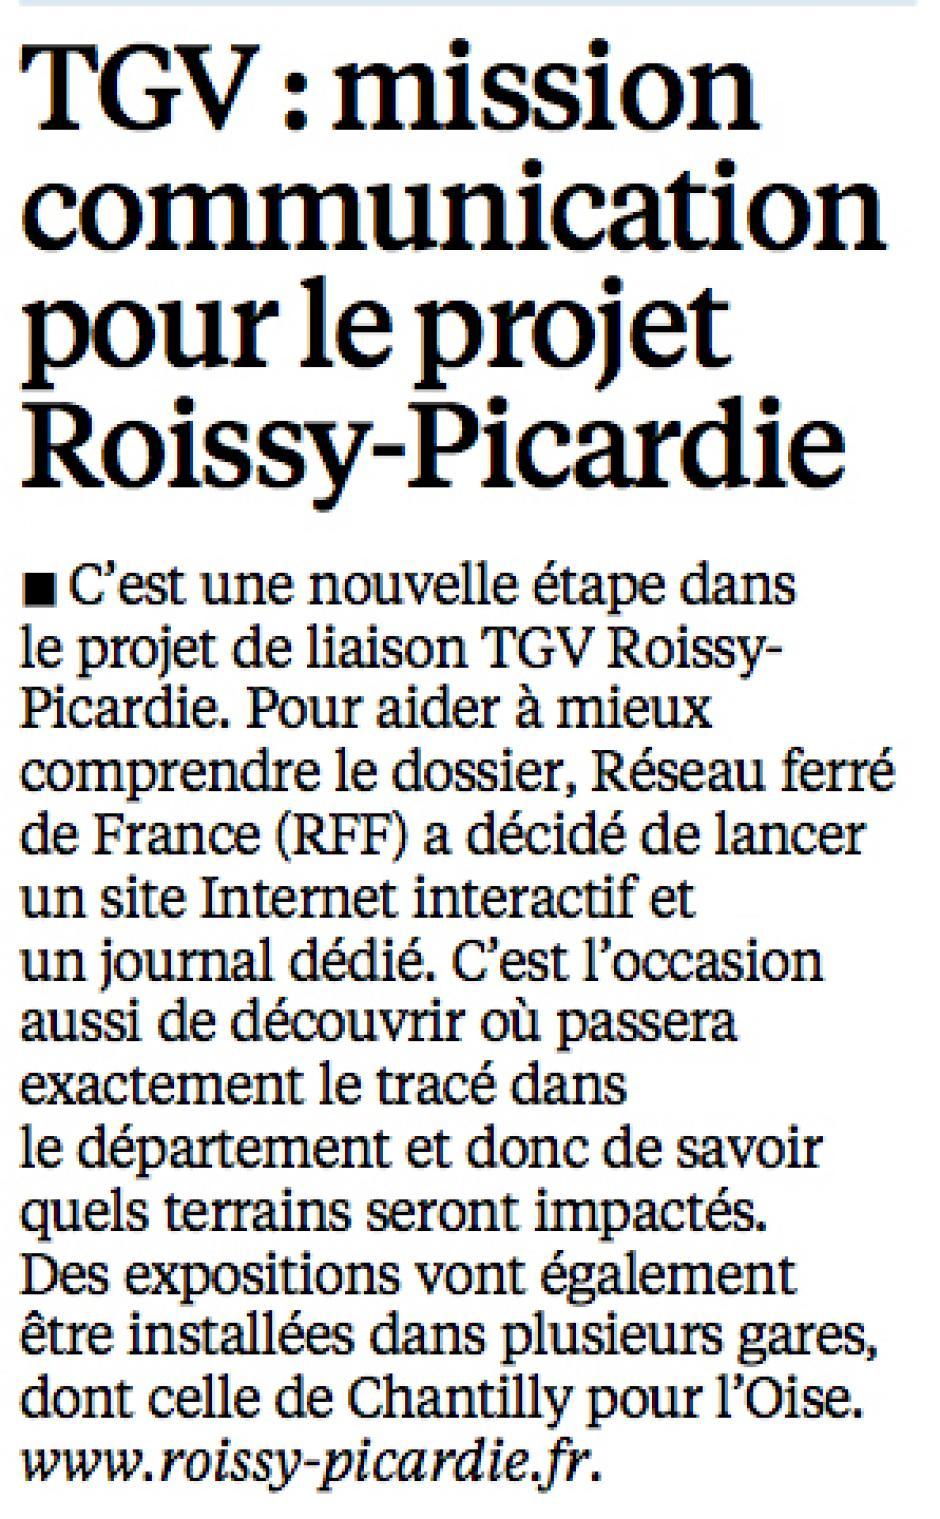 20140906-LeP-Oise-TGV : mission communication pour le projet Roissy-Picardie